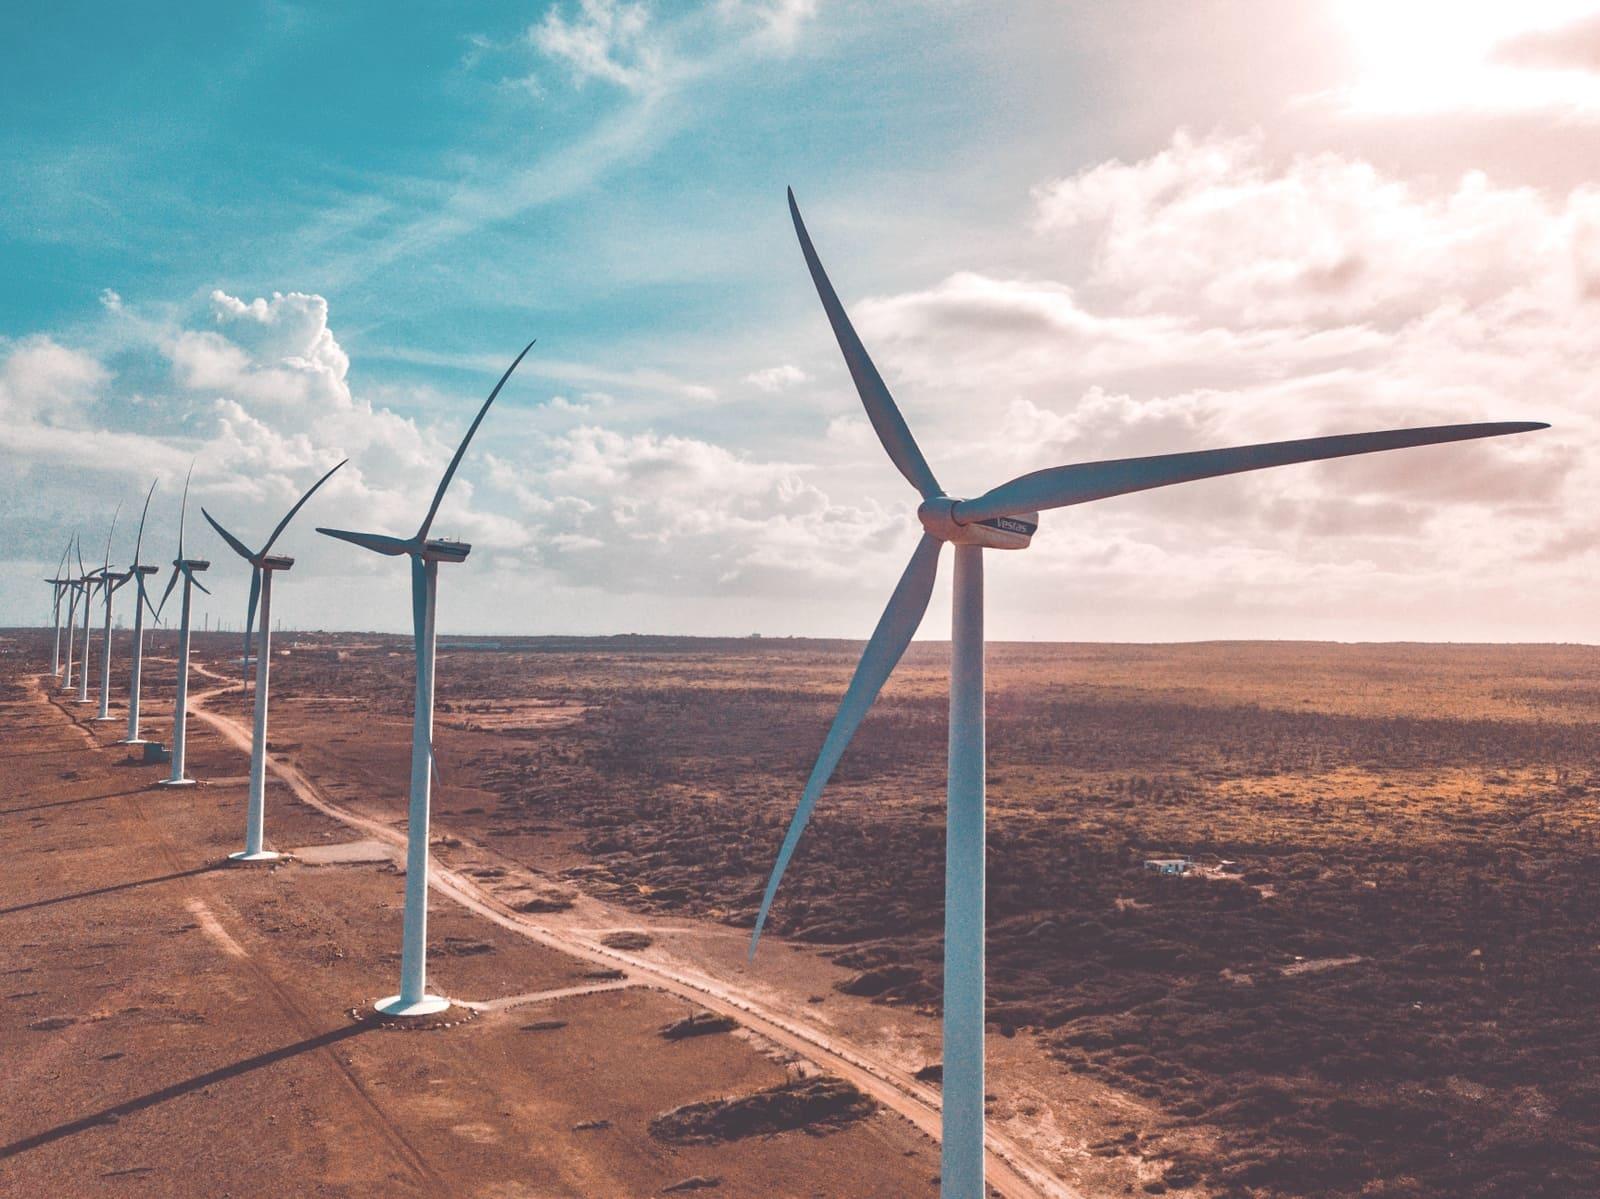 Comment évaluer l'empreinte carbone d'un territoire ?